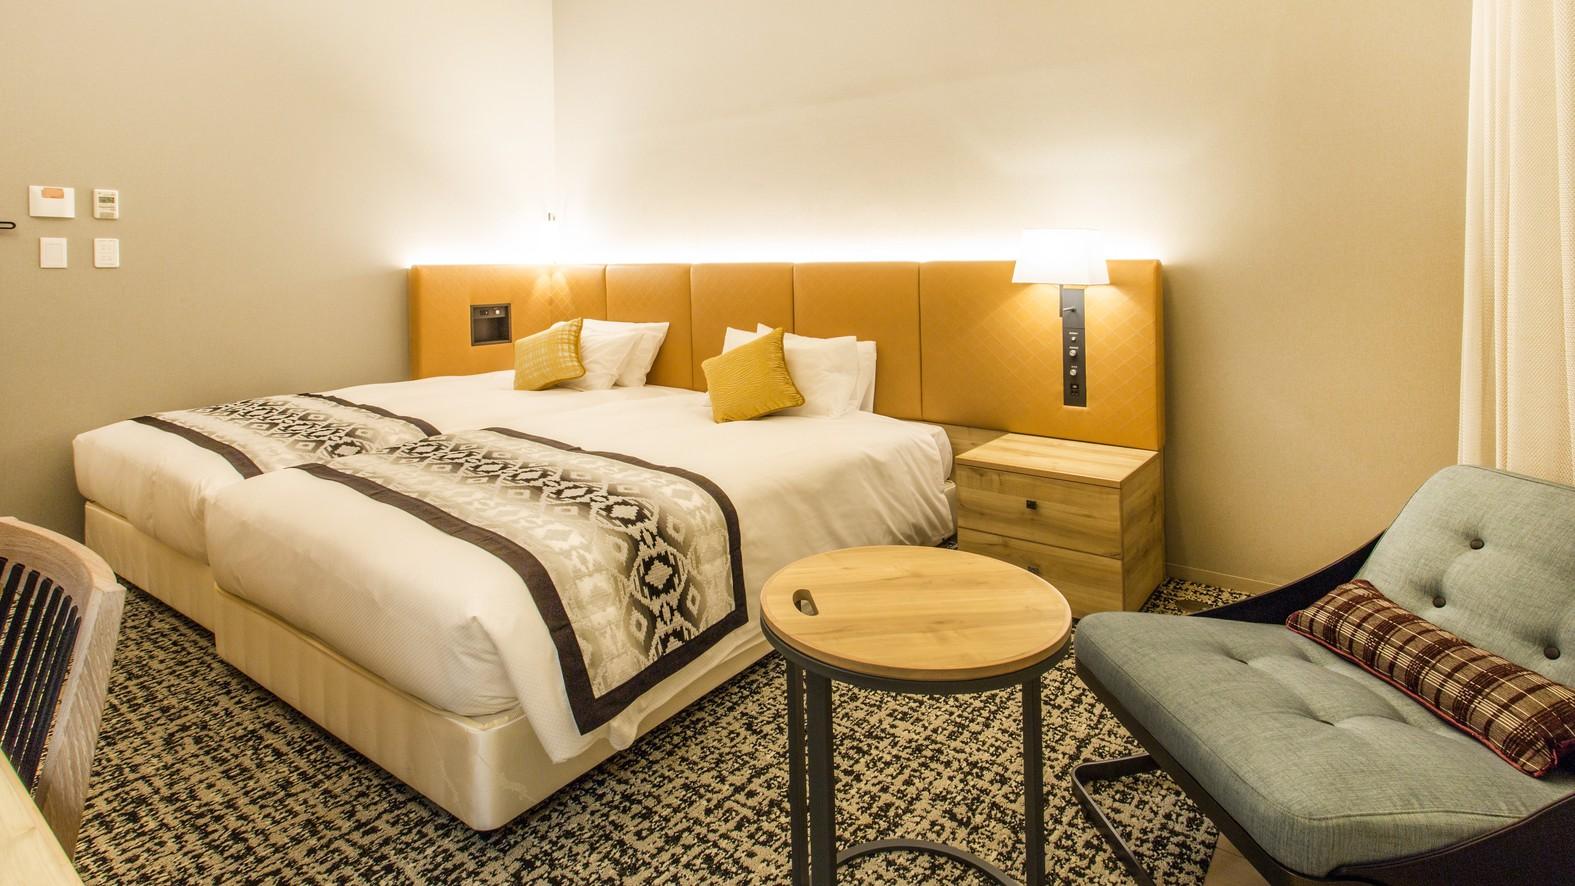 [ミュッセツイン] 23.7m2 ベッド幅120cm2台(ベッド2台がくっついているタイプです)